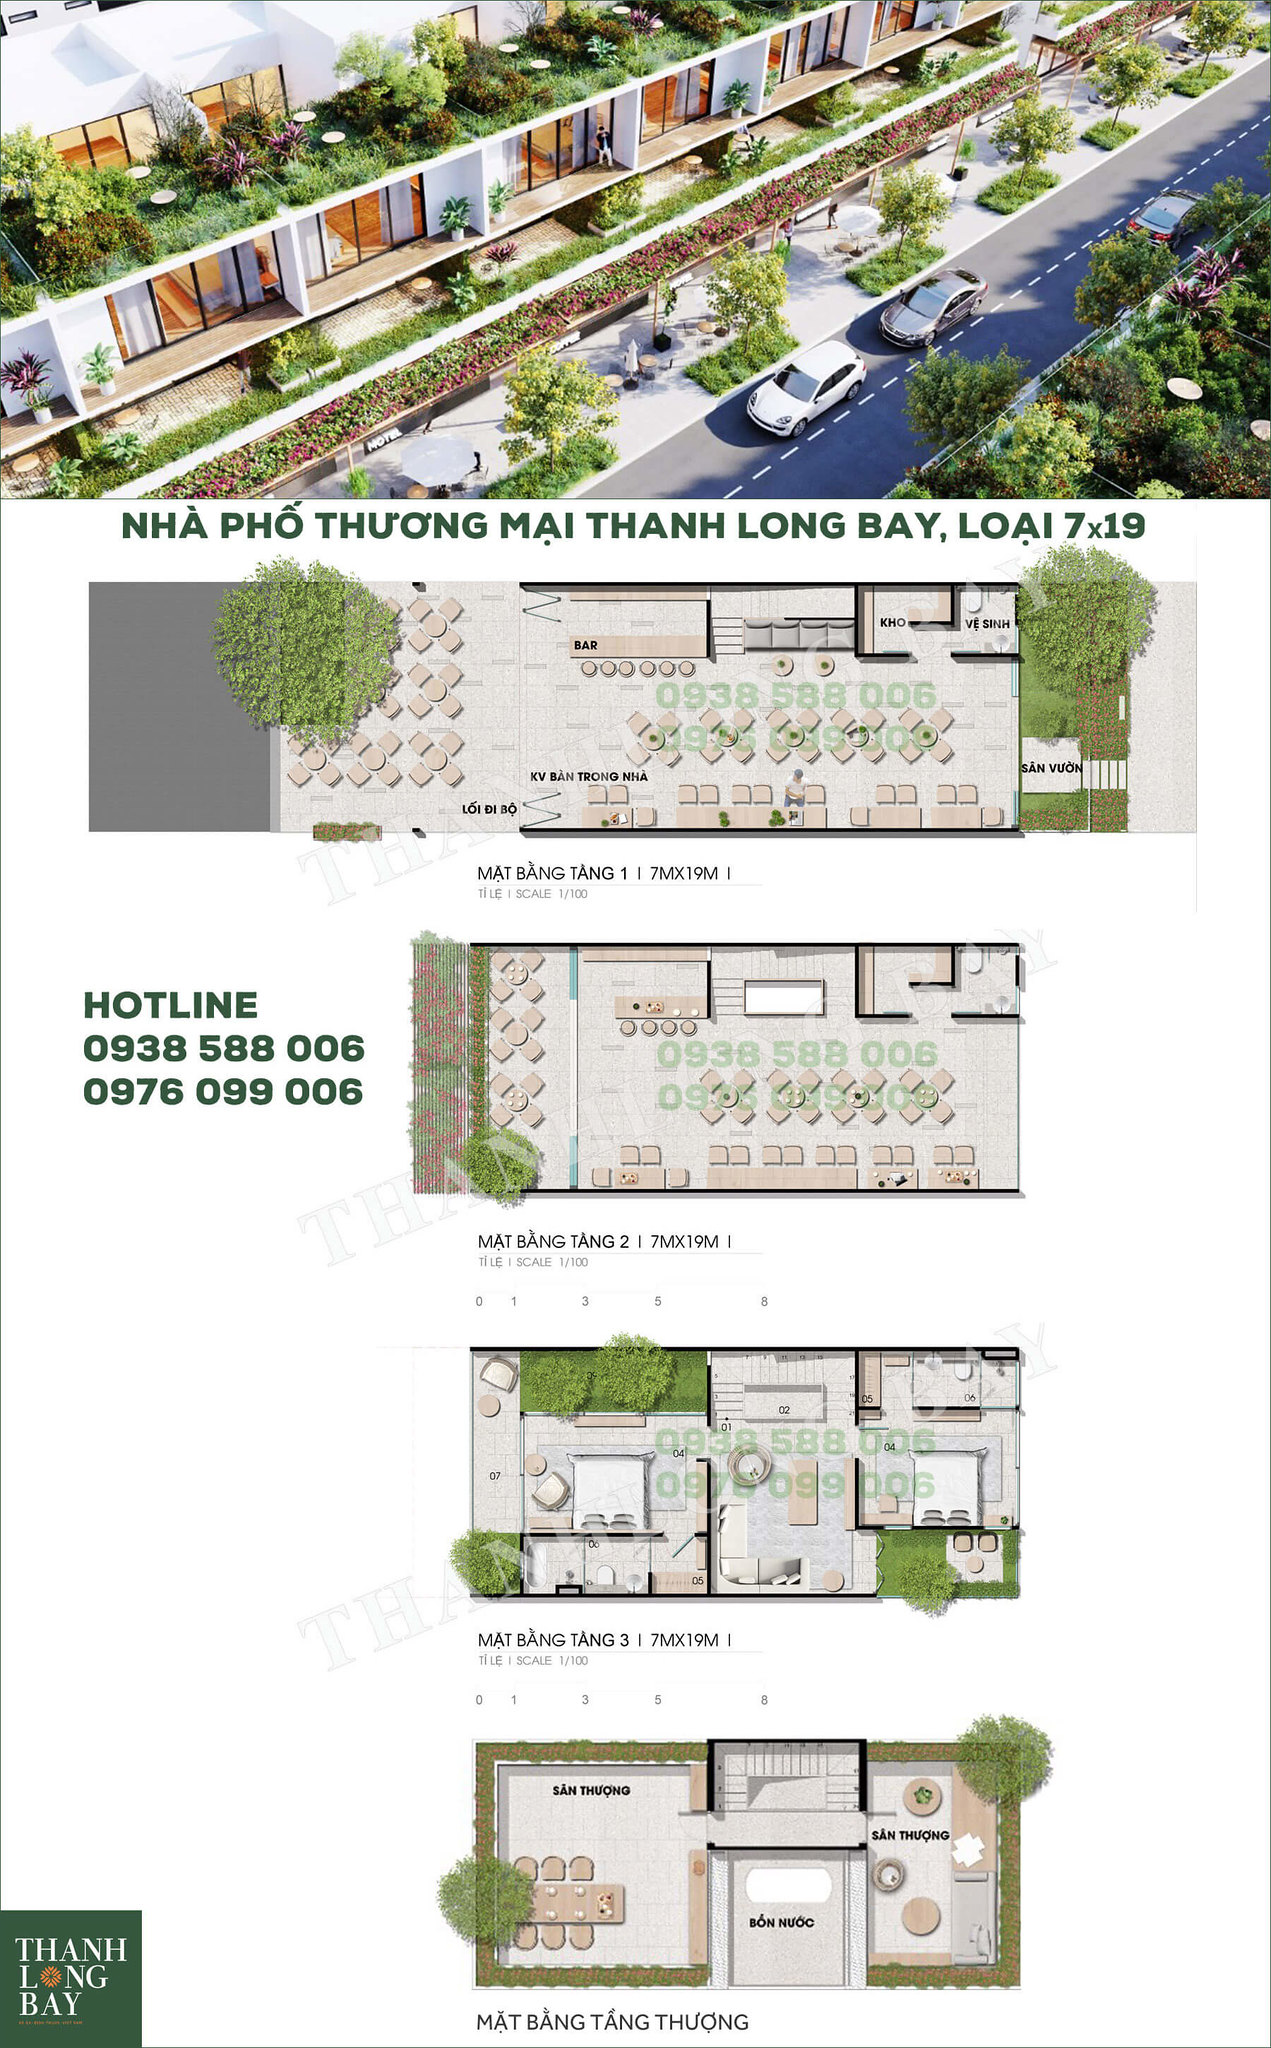 Mặt bằng nhà phố thương mại shophouse Thanh Long Bay Phan Thiết diện tích 7x19.